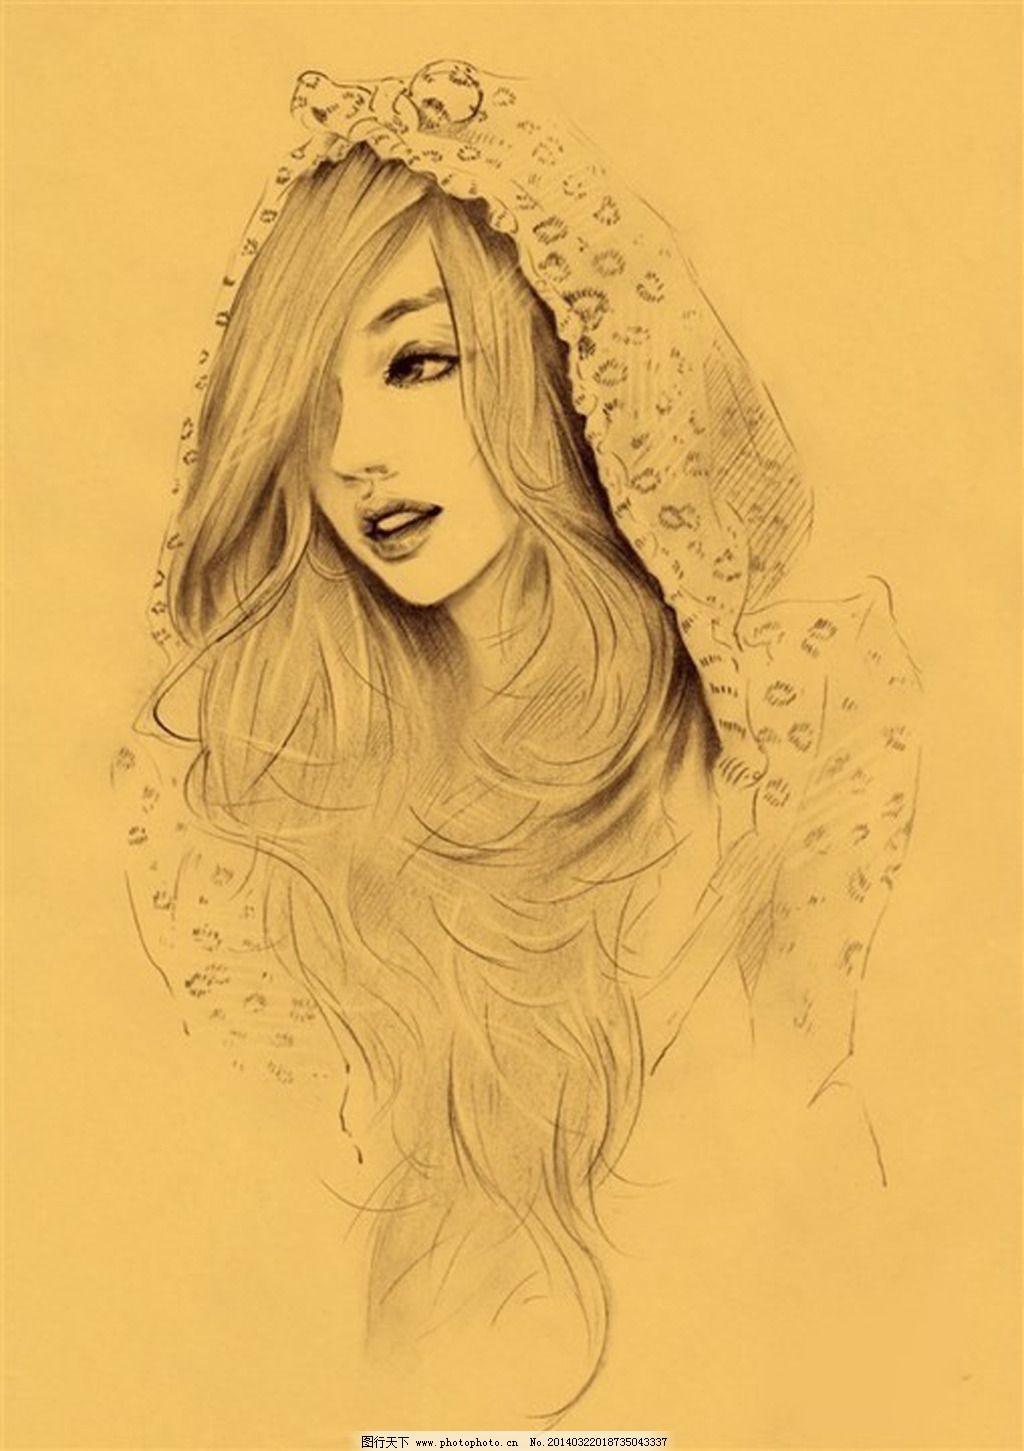 美女 手绘 素描 素描 美女 手绘 图片素材 卡通|动漫|可爱图片